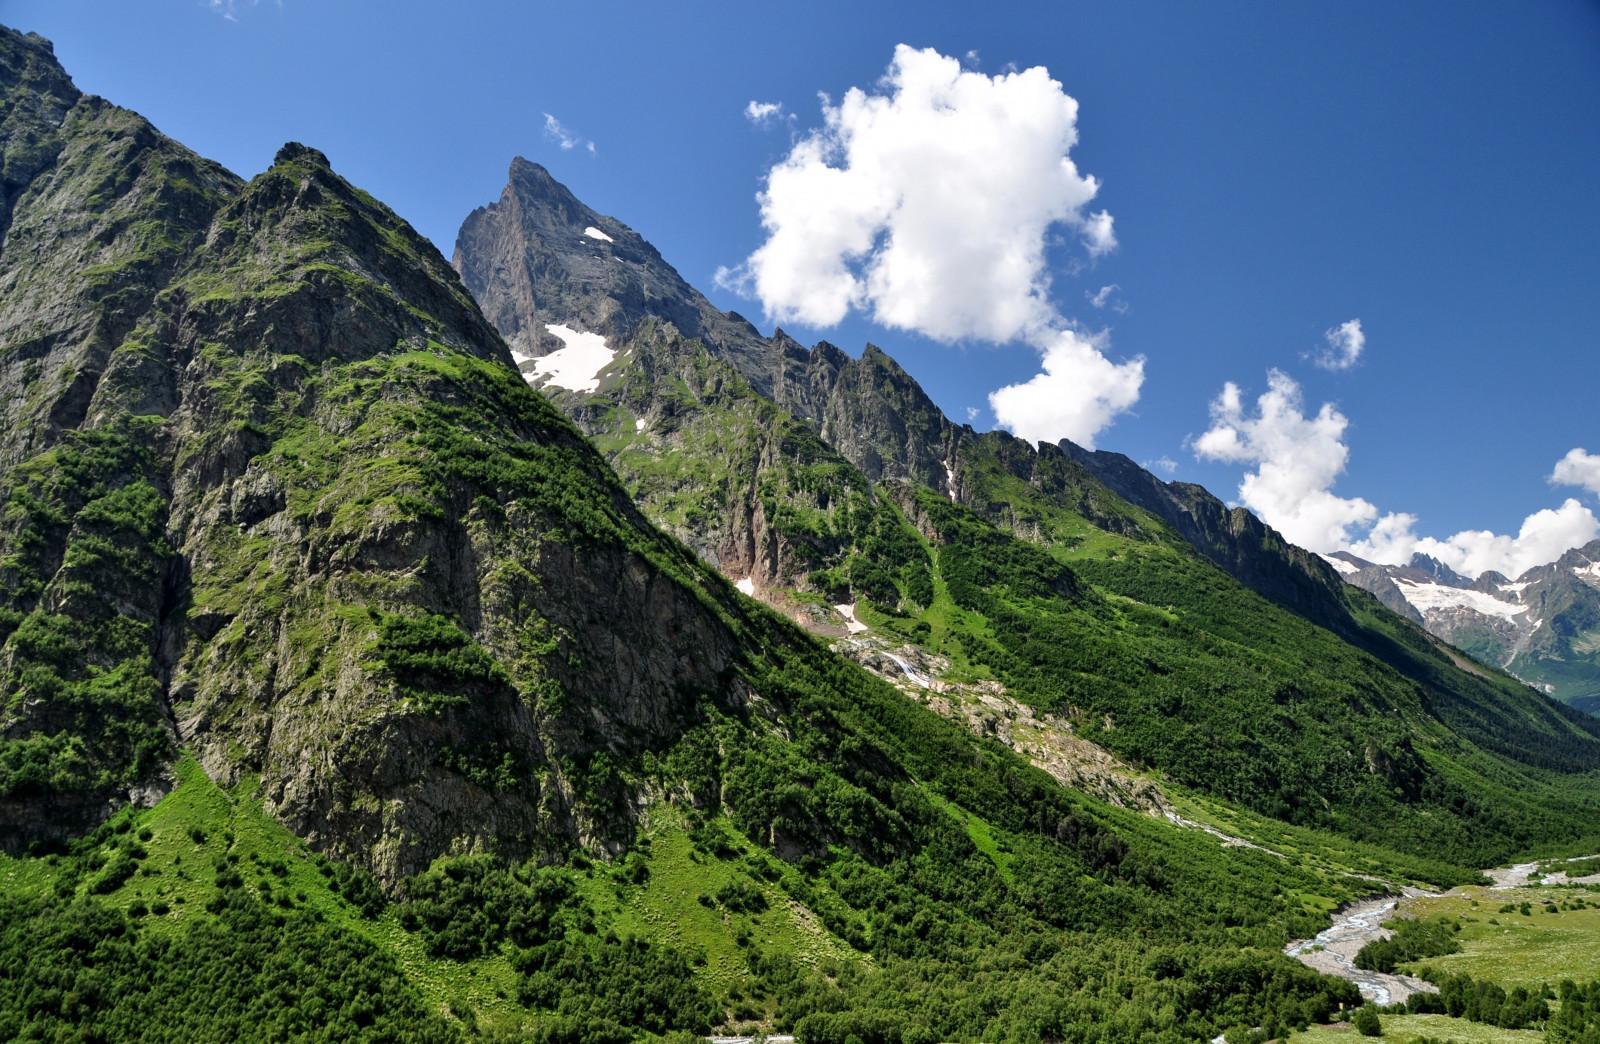 Картинки красивые кавказские горы, надписями